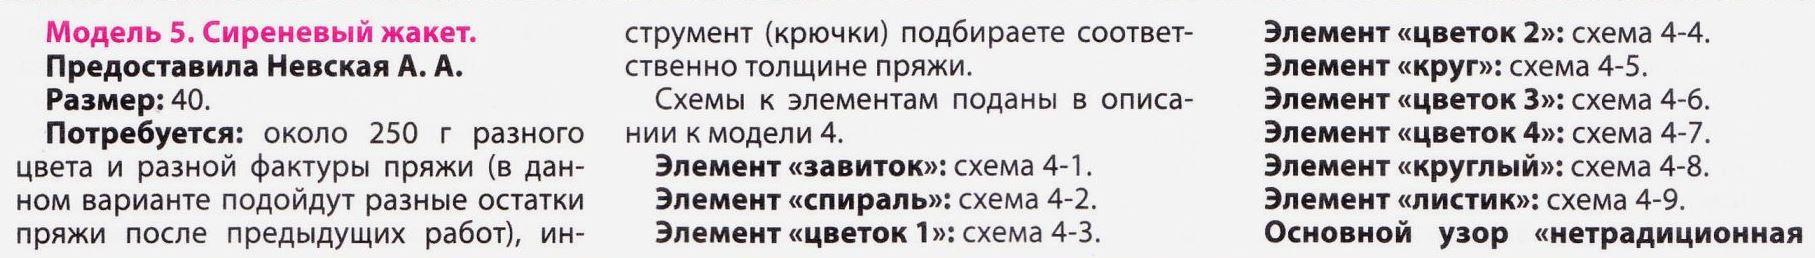 2026_ВяжемКрюч117 (8)